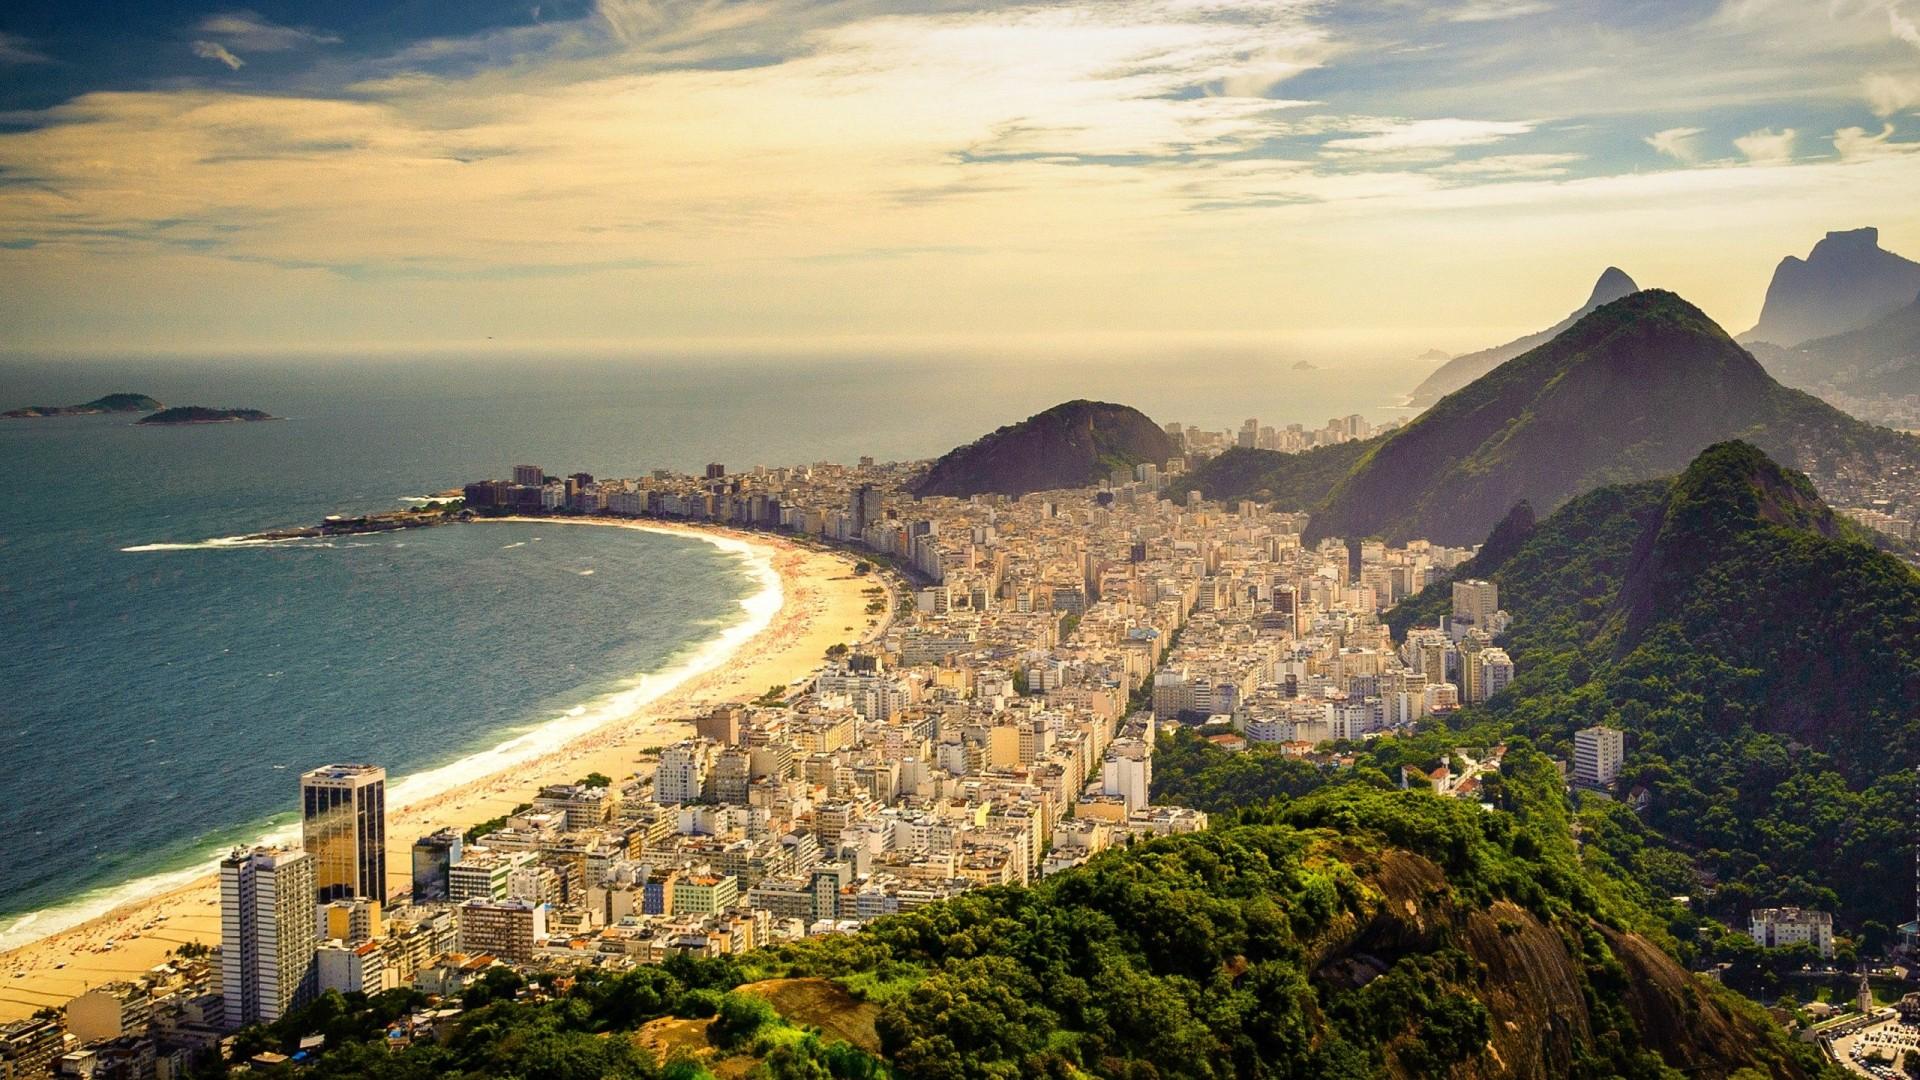 RIO De Janeiro Wallpapers Download Desktop Wallpaper Images 1920x1080